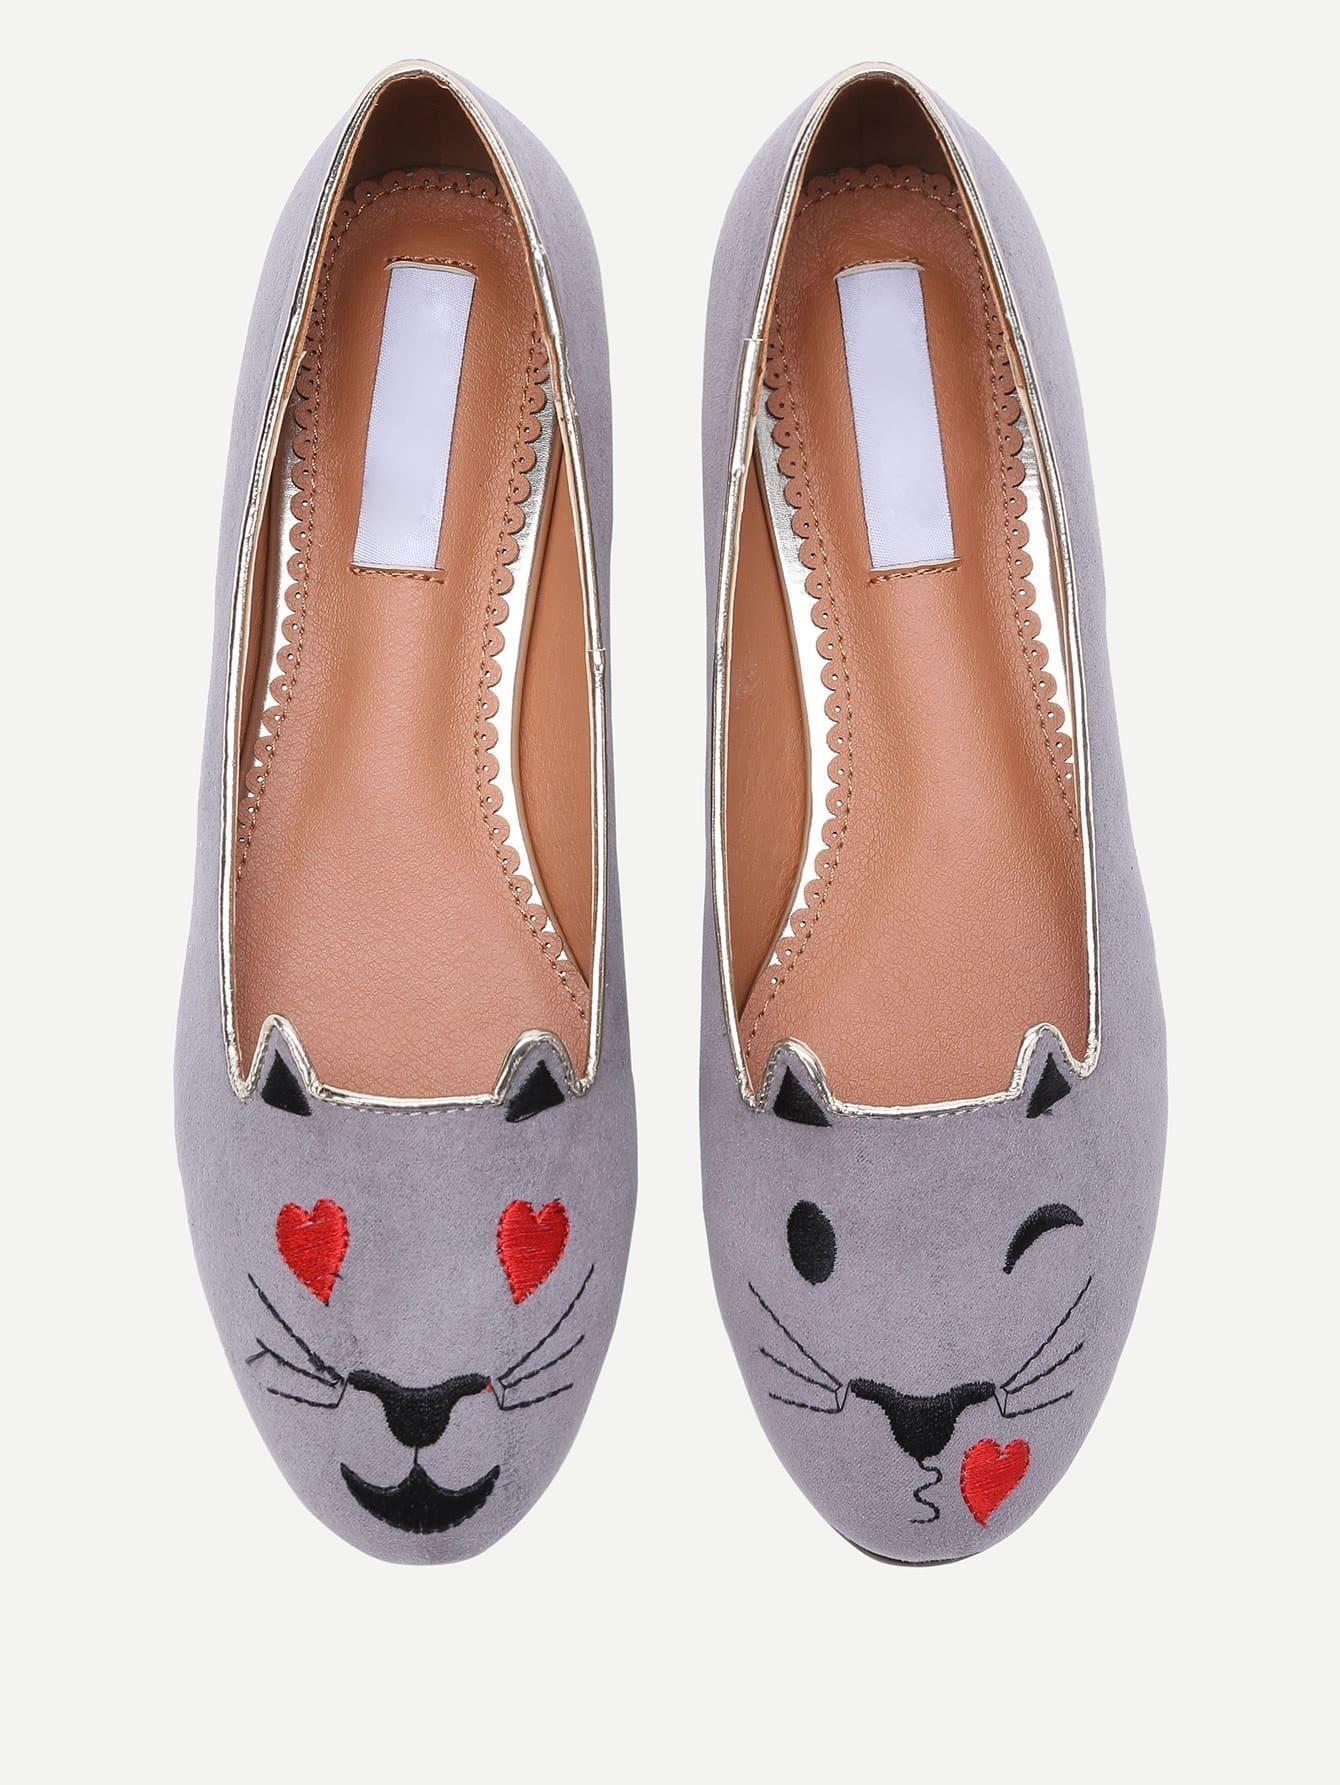 shoes170215801_2